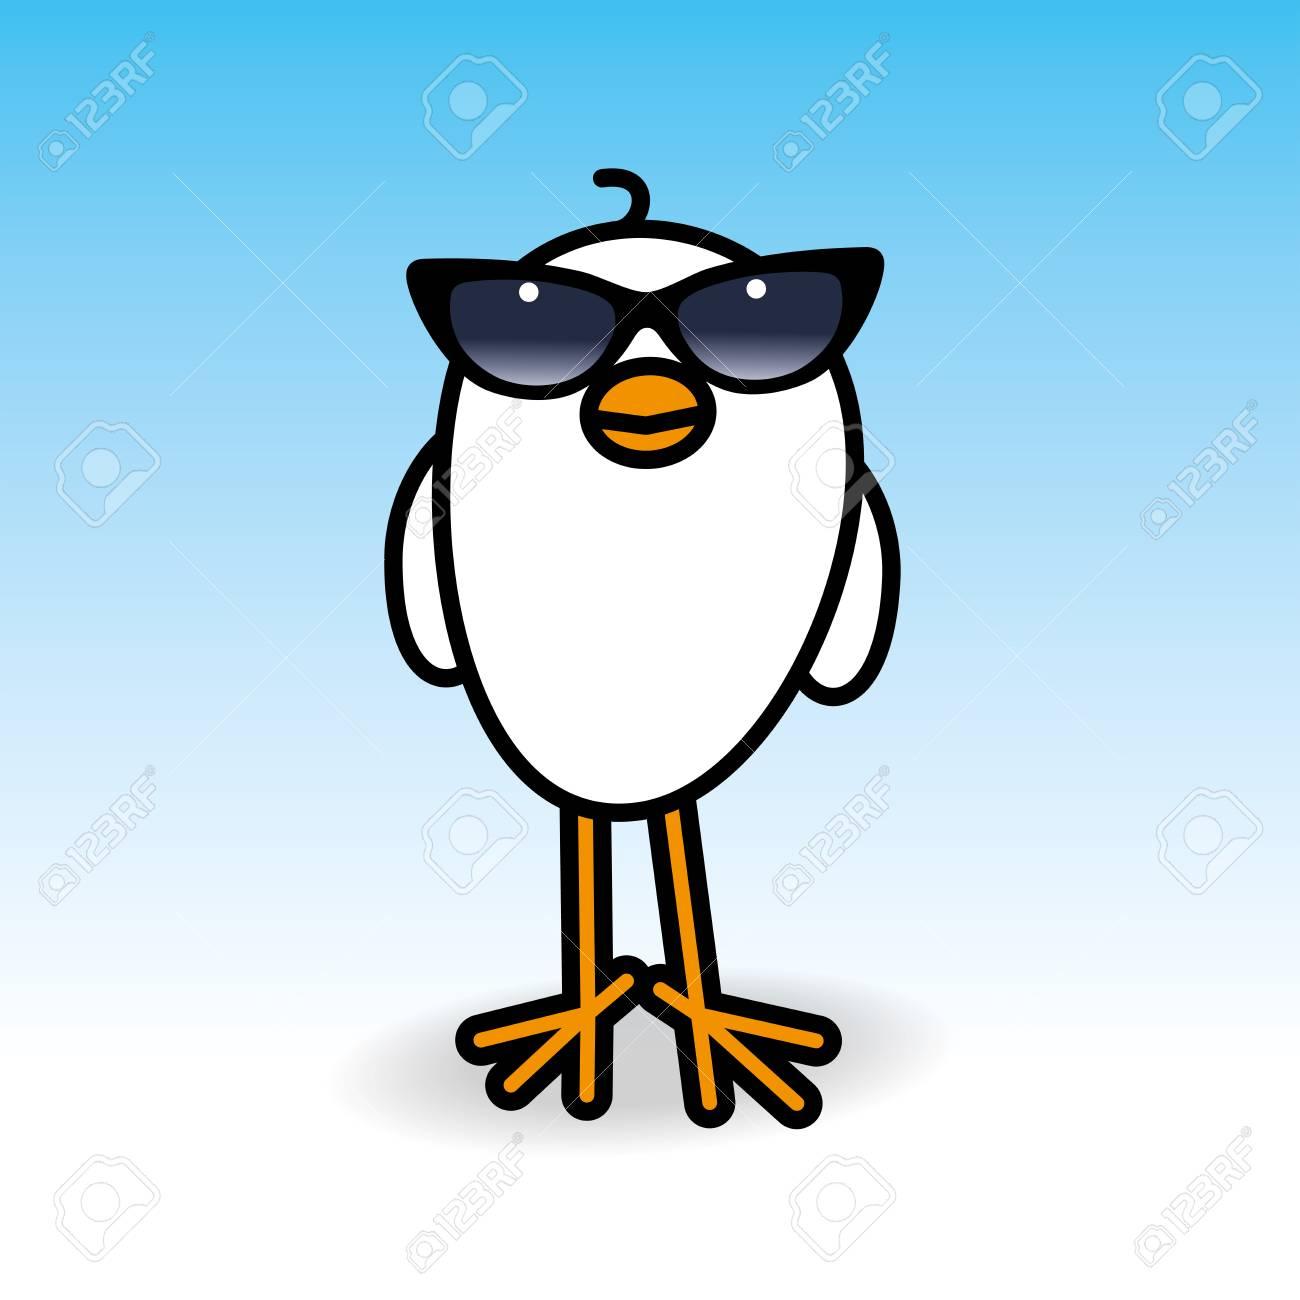 Sonreír Polluelo Blanco Wearing Señoras Montura Negra Gafas De Sol ...